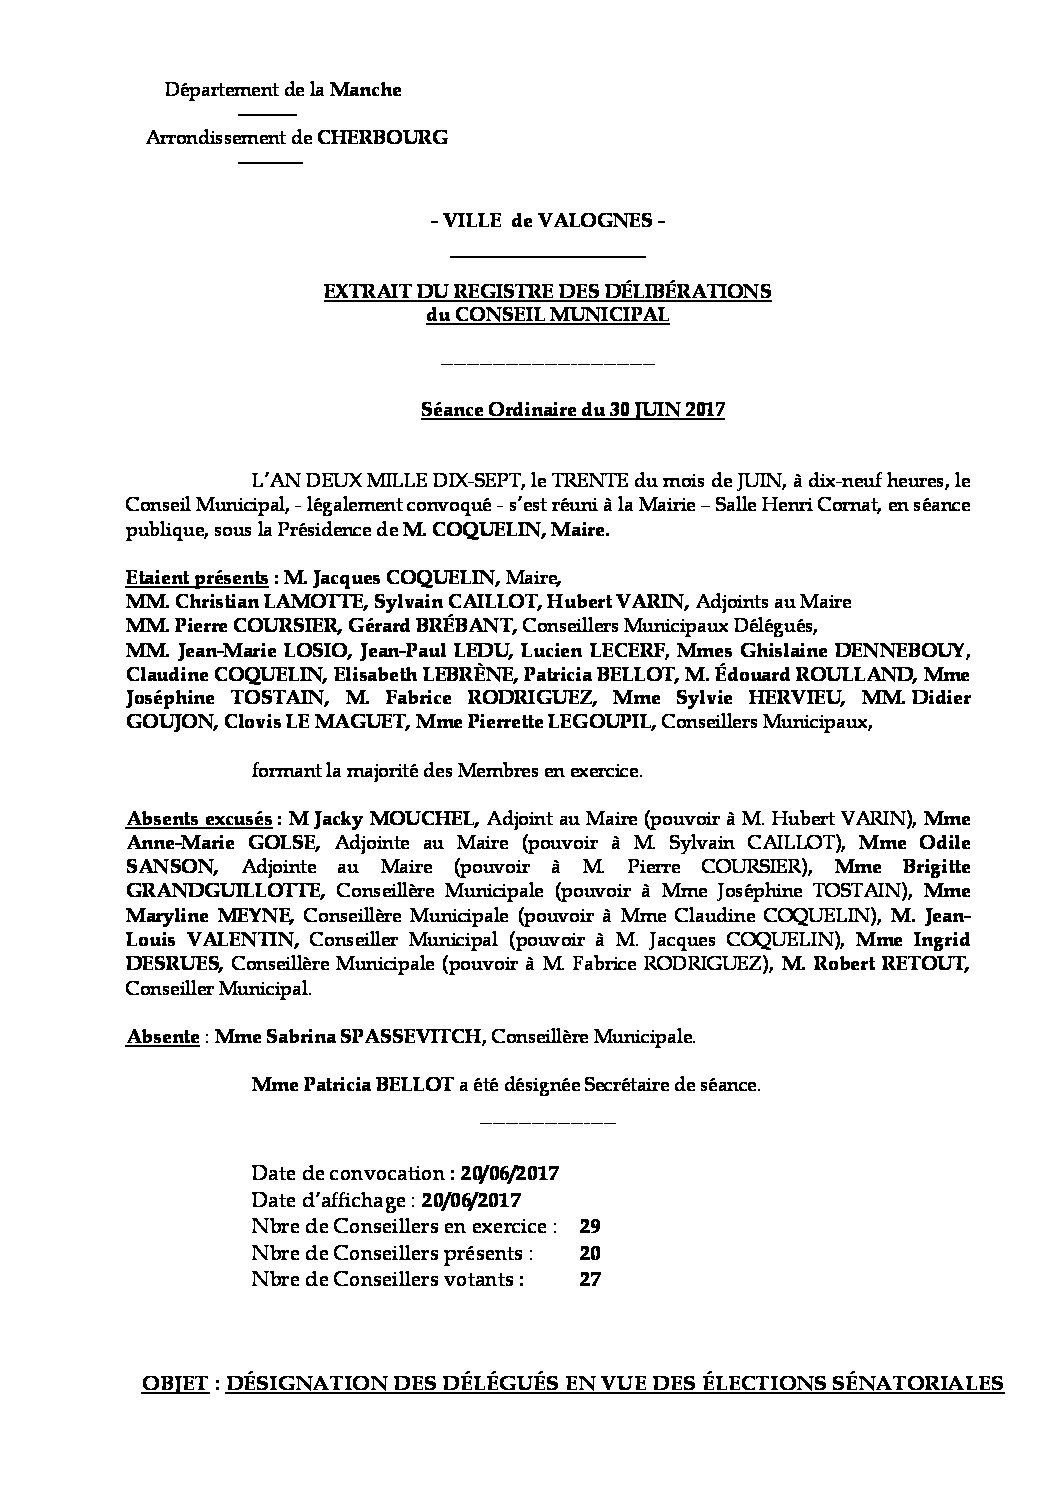 Extrait du registre des délibérations du 30-06-2017 - Délibération du Conseil Municipal du vendredi 30 juin 2017, relative à la désignation des délégués en vue des élections sénatoriales du 24 septembre 2017.